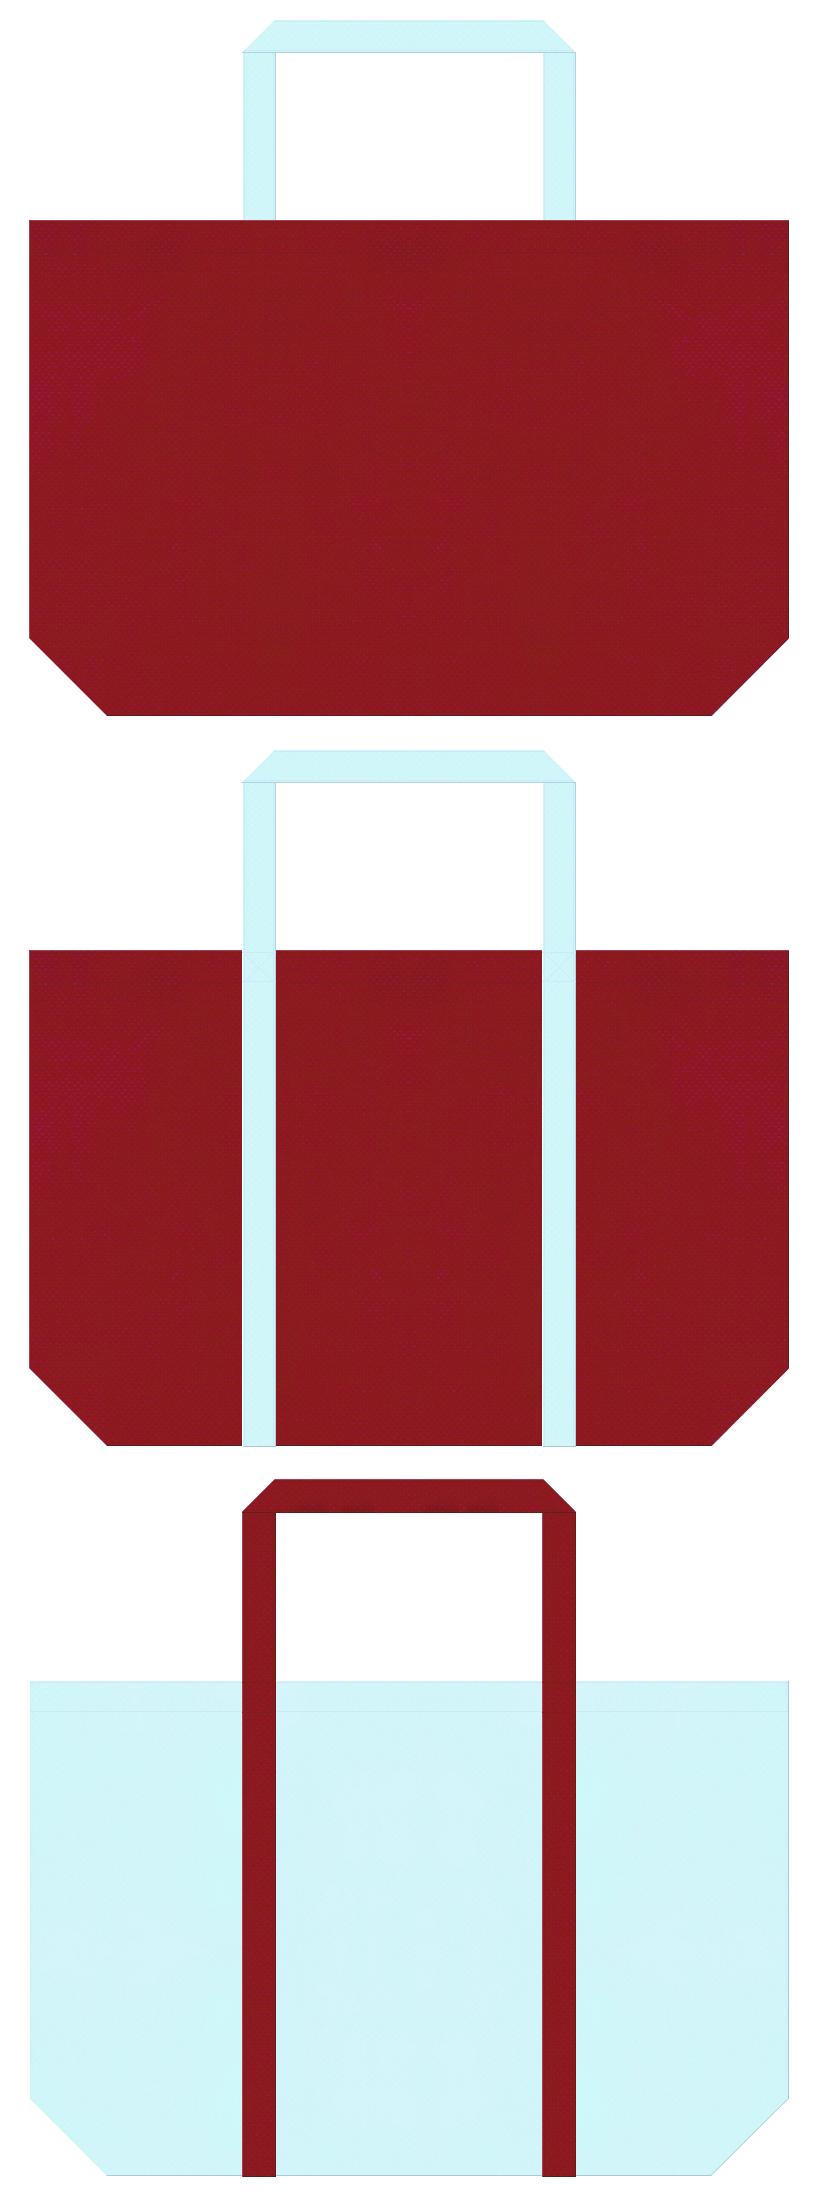 夏浴衣・風鈴・金魚鉢・和雑貨にお奨め:エンジ色と水色の不織布ショッピングバッグのデザイン